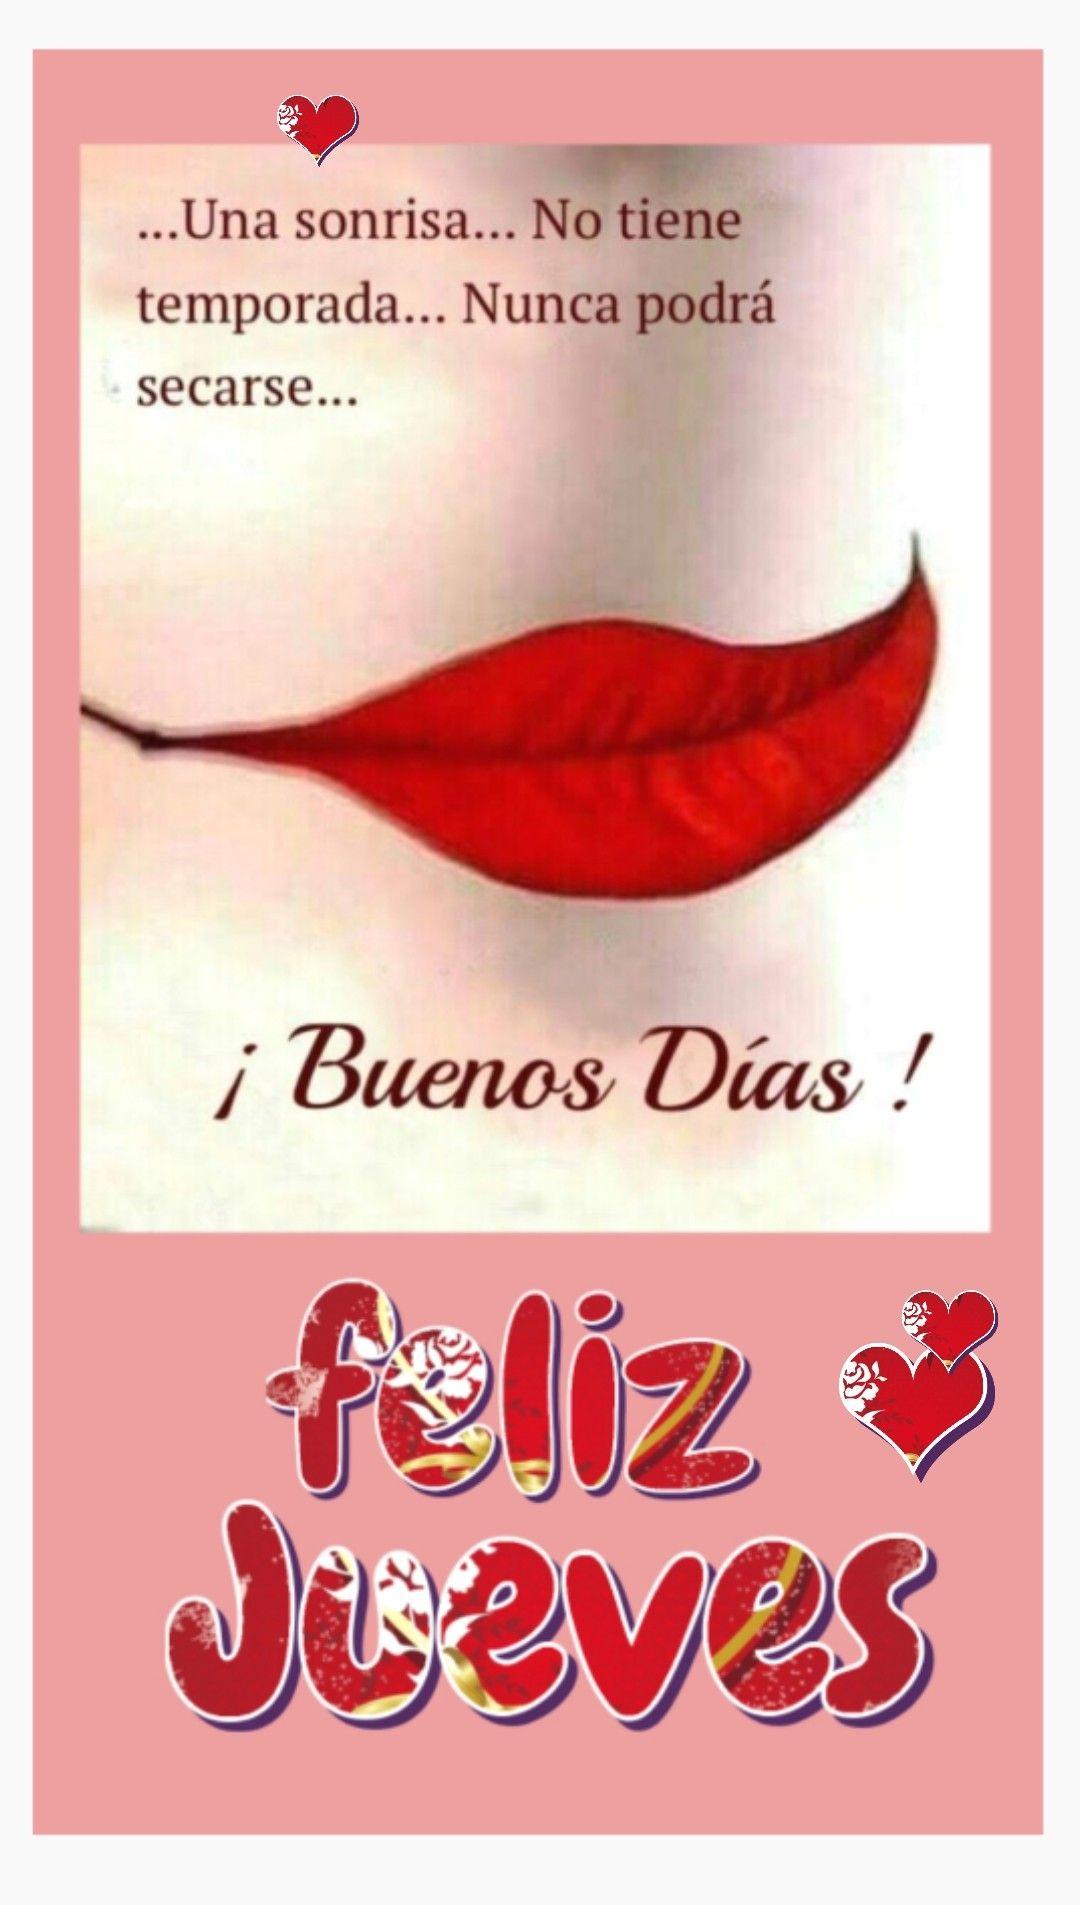 75 Frases Para Dedicar Feliz Jueves Con Imagenes